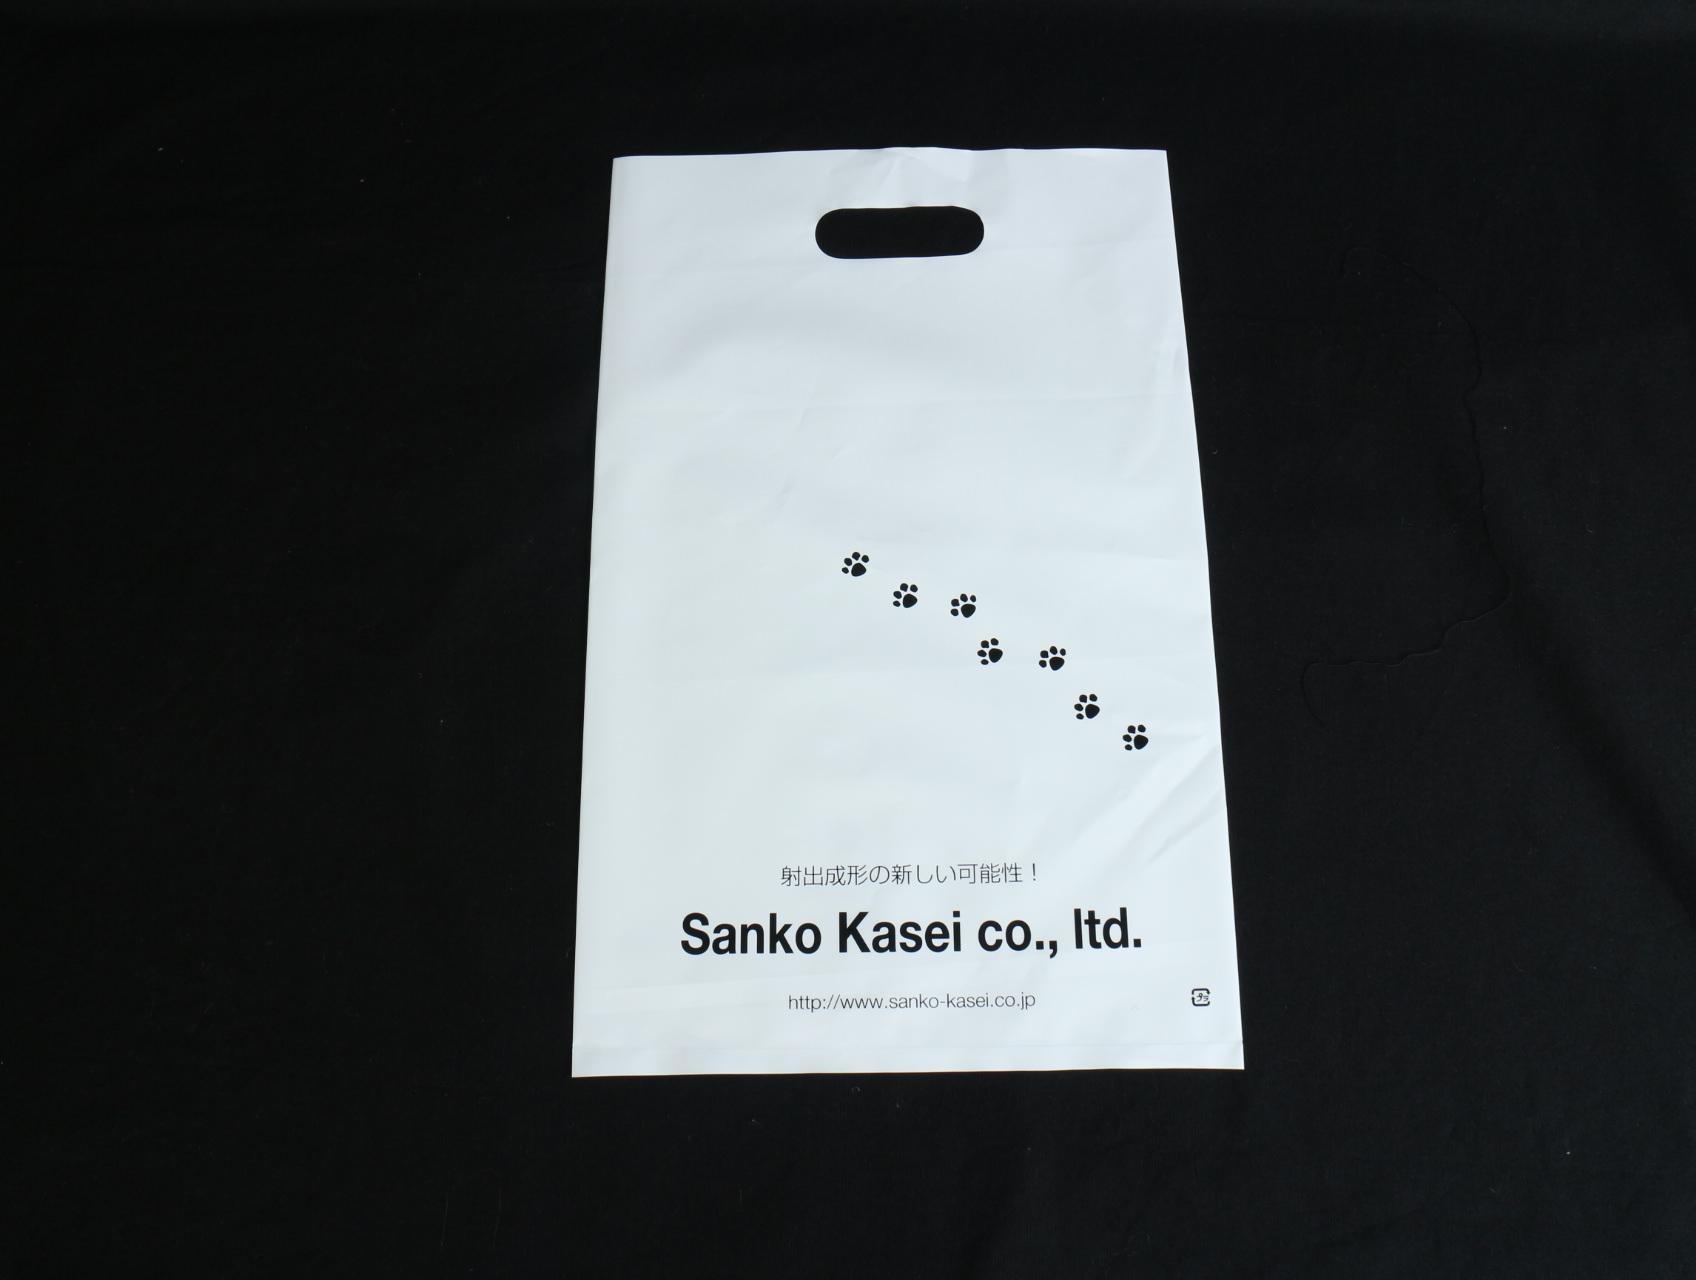 工業用精密プラスチック部品の設計などをされています会社様のオリジナルポリ袋です